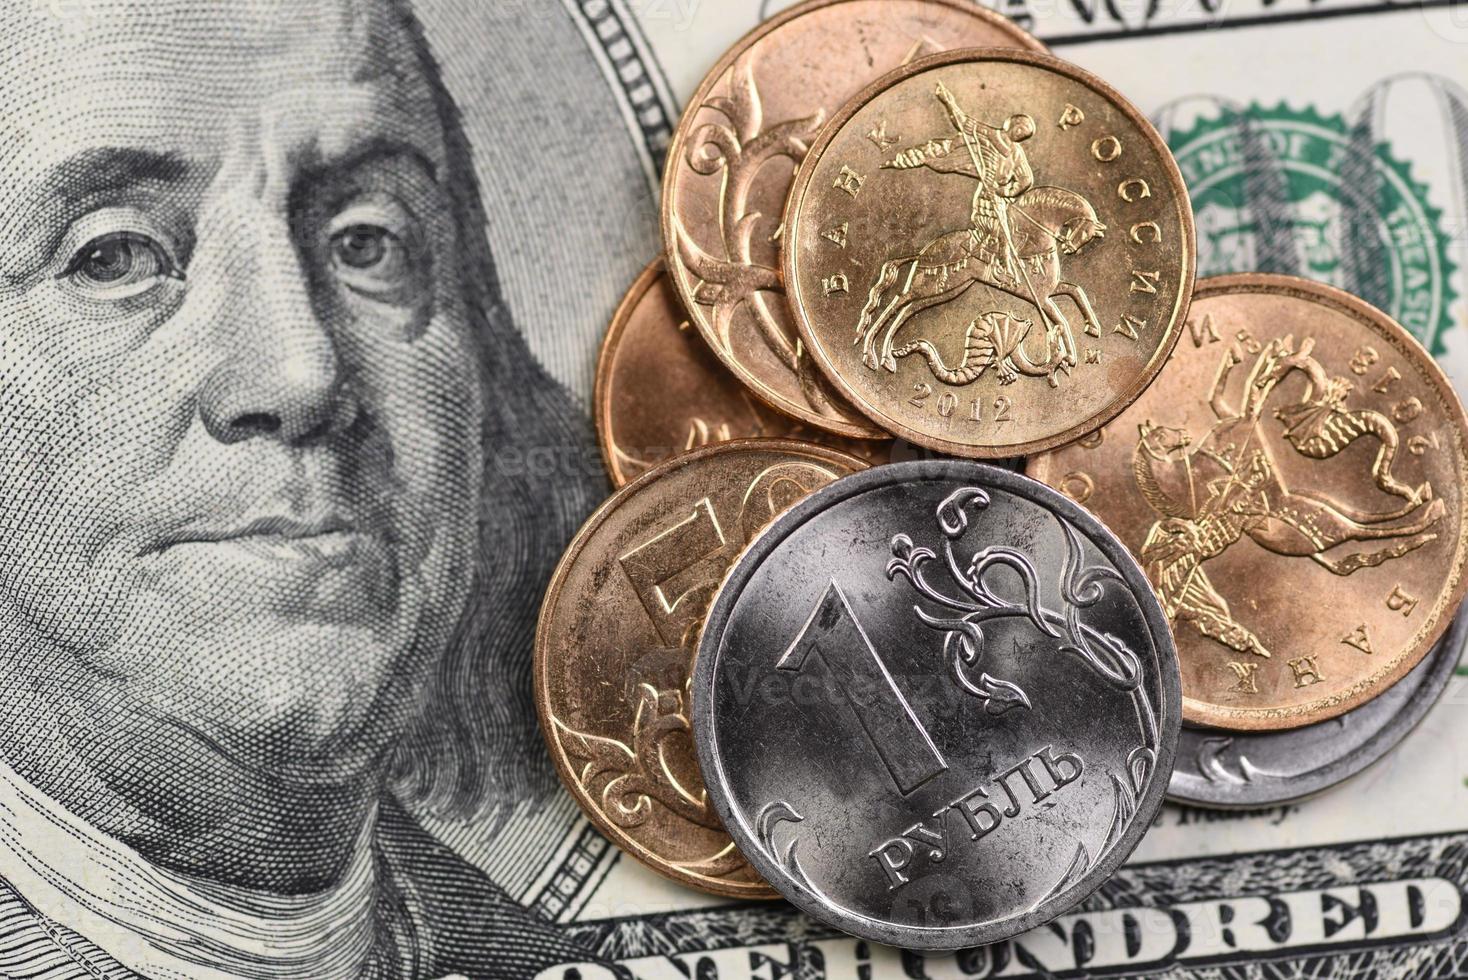 monete russe e 100 dollari americani foto